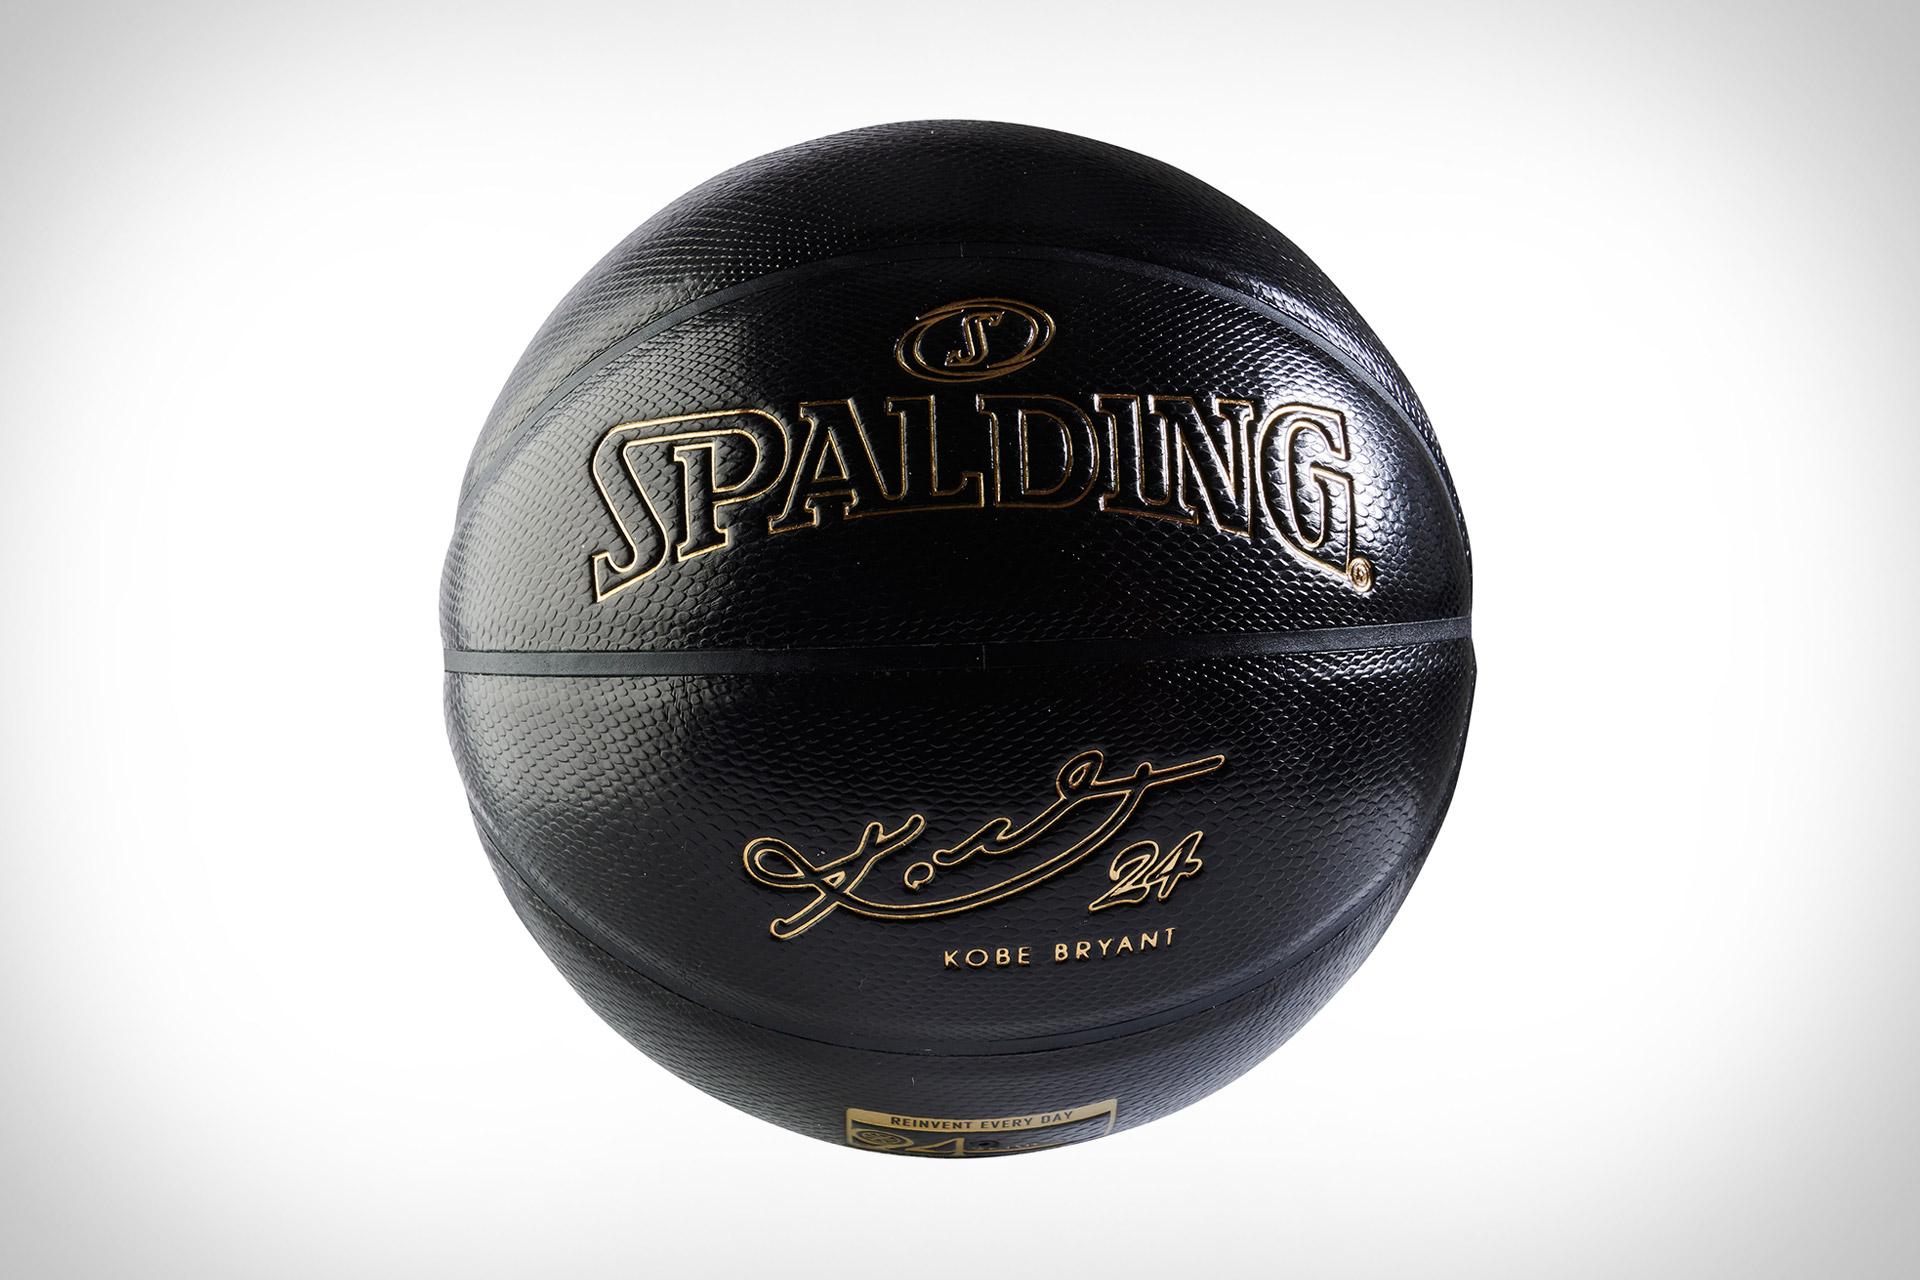 Spalding x Kobe Bryant Black Mamba Basketball